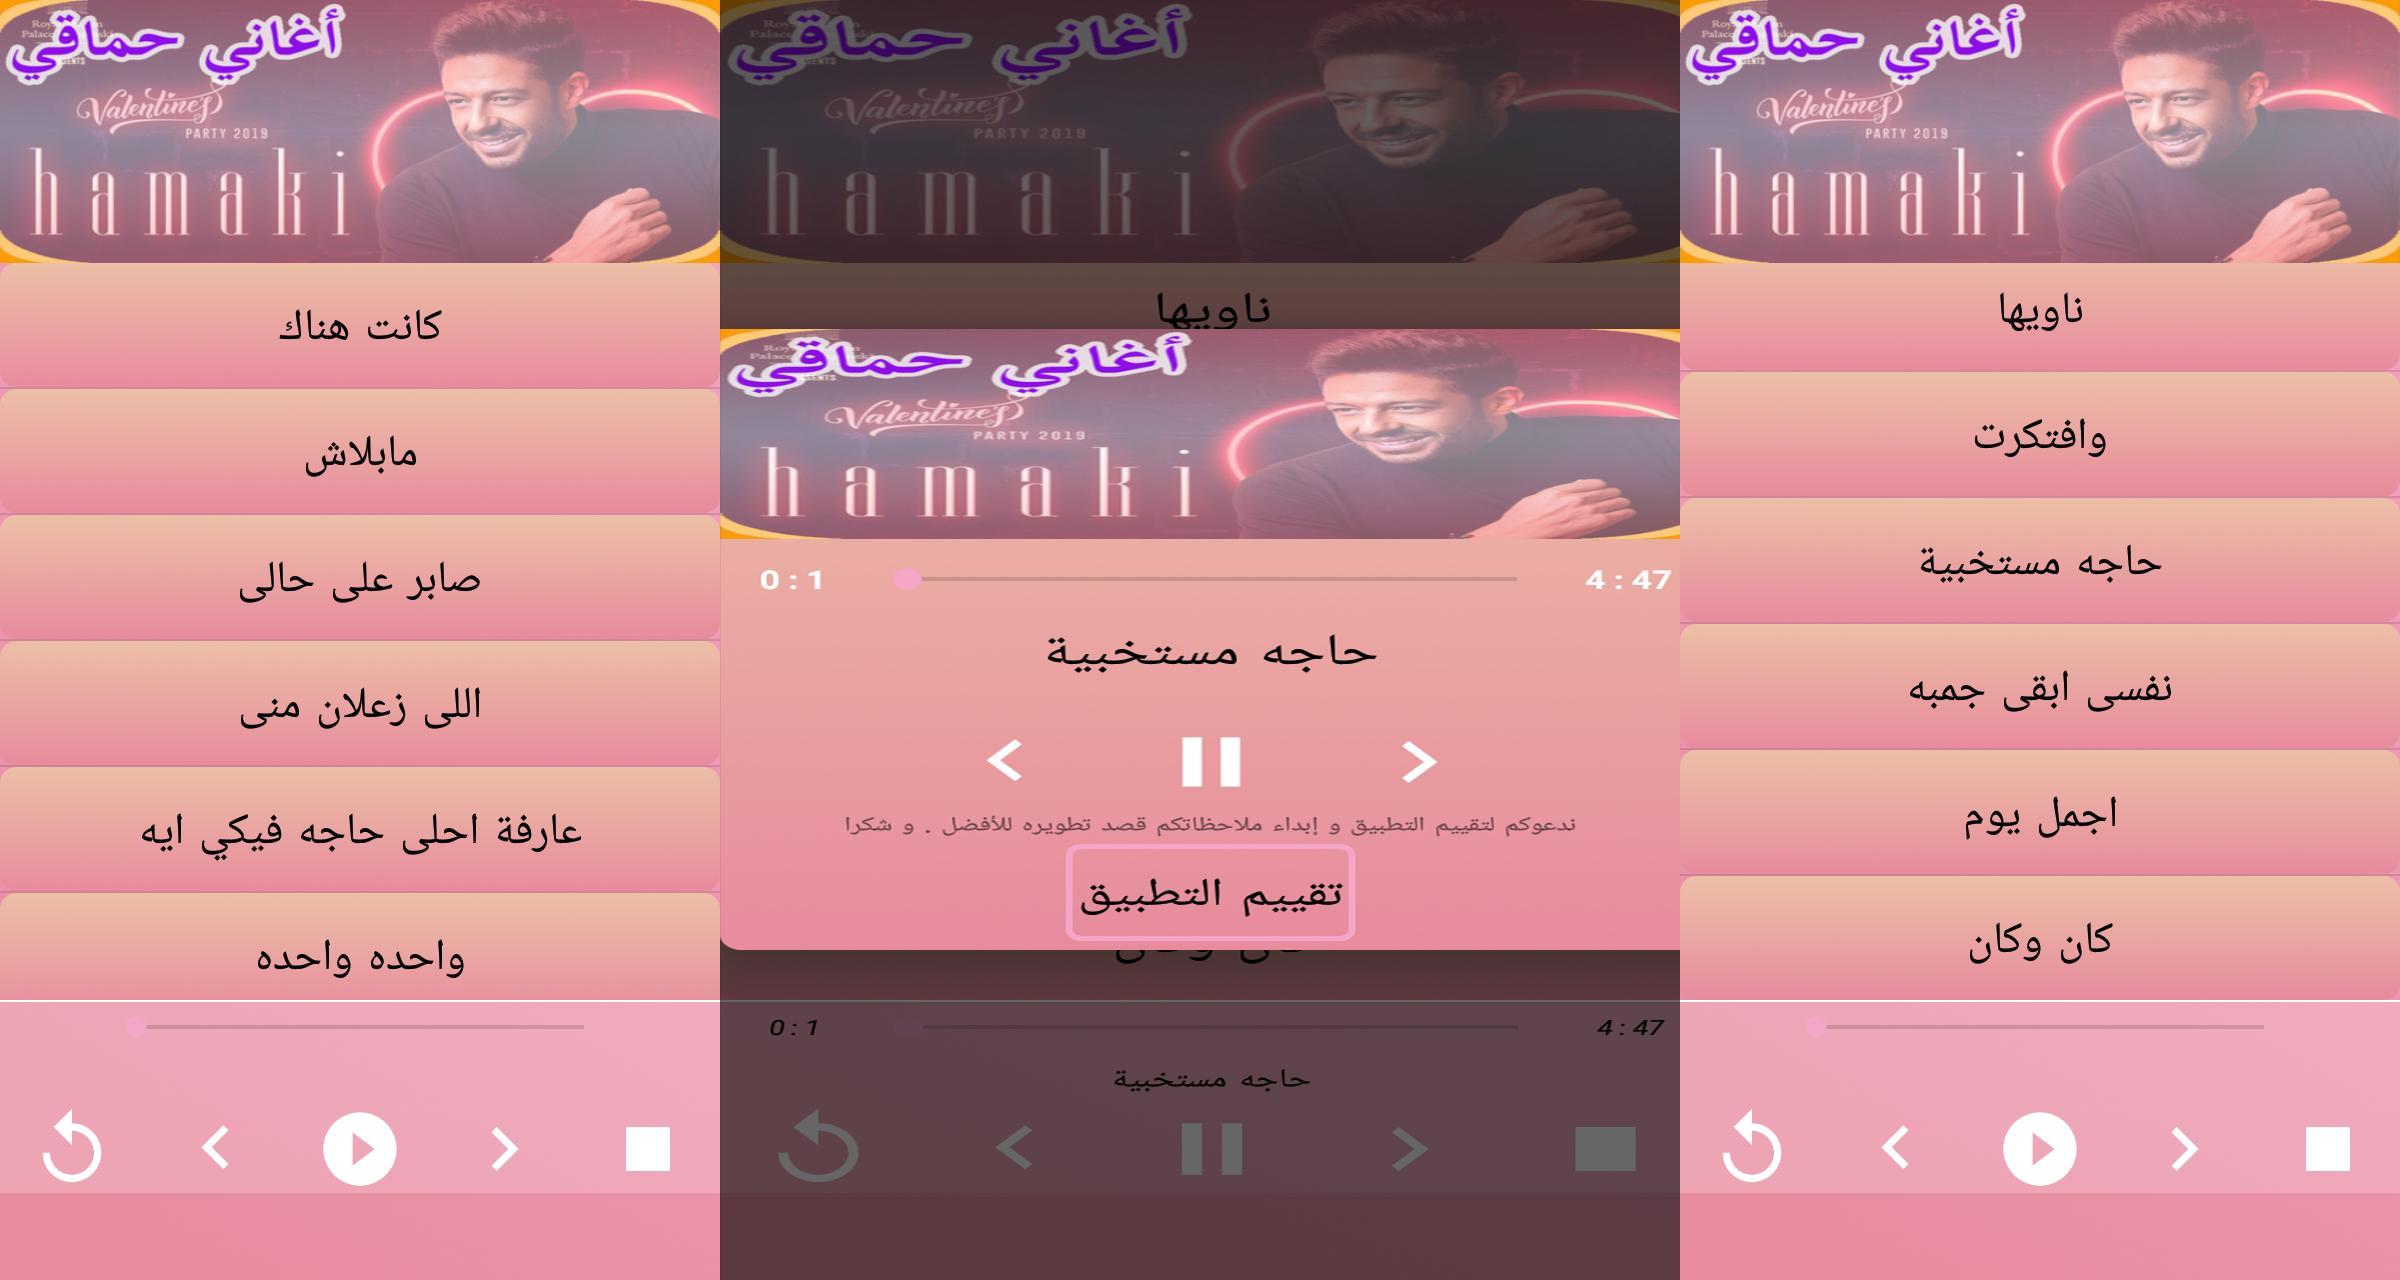 HAMAKI TÉLÉCHARGER GRATUITEMENT MP3 MOHAMED MUSIC